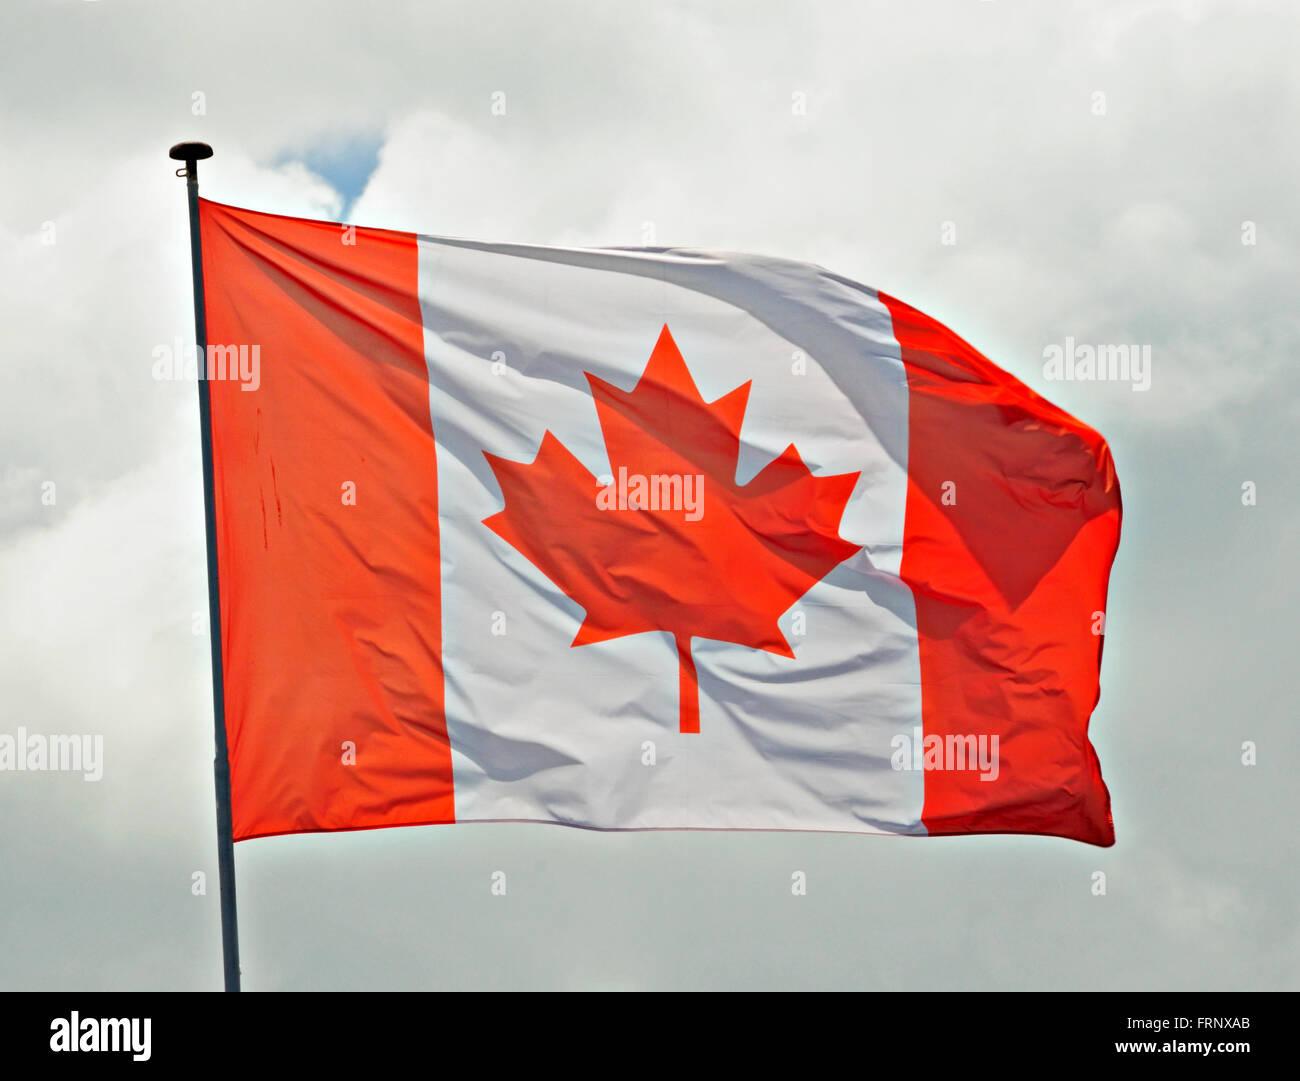 Canadian Flag fluttering in a brisk breeze. - Stock Image